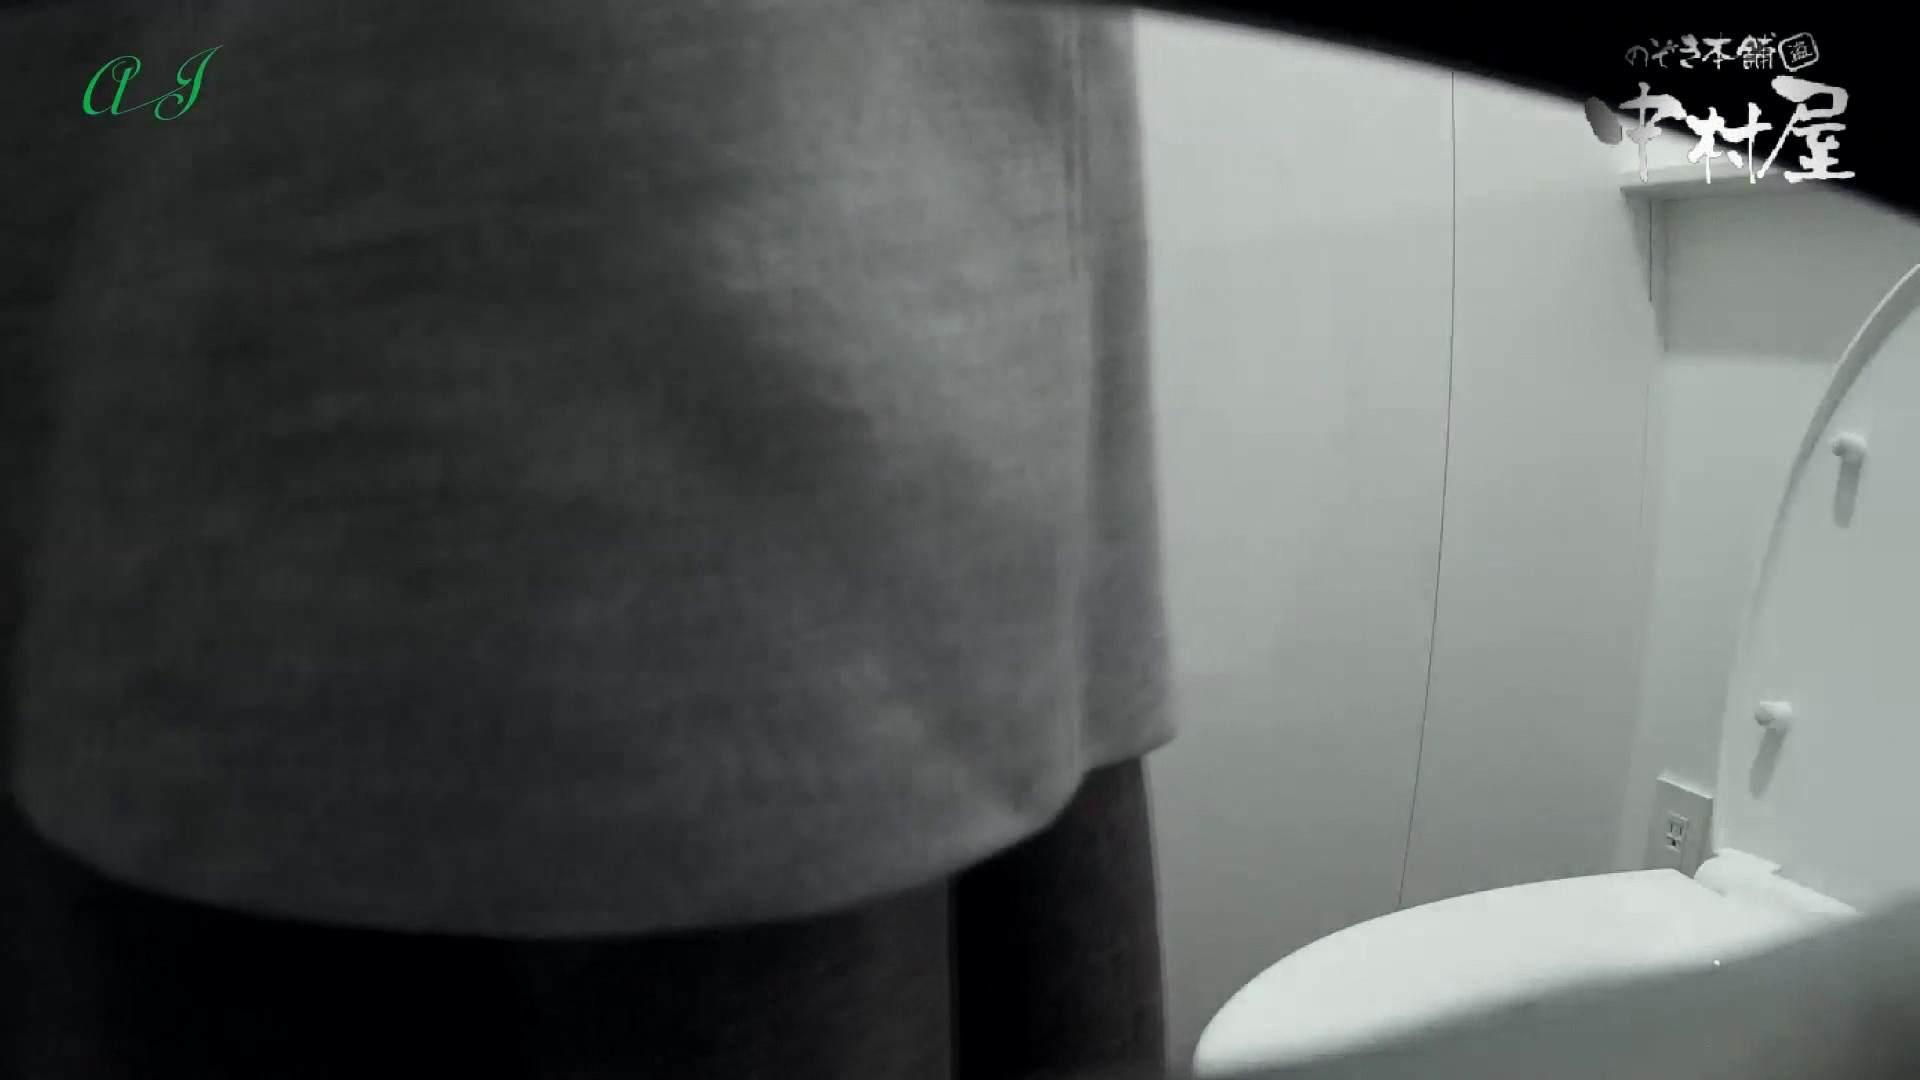 有名大学女性洗面所 vol.61 お久しぶりです。美しい物を美しく撮れました 和式 オメコ動画キャプチャ 19連発 9